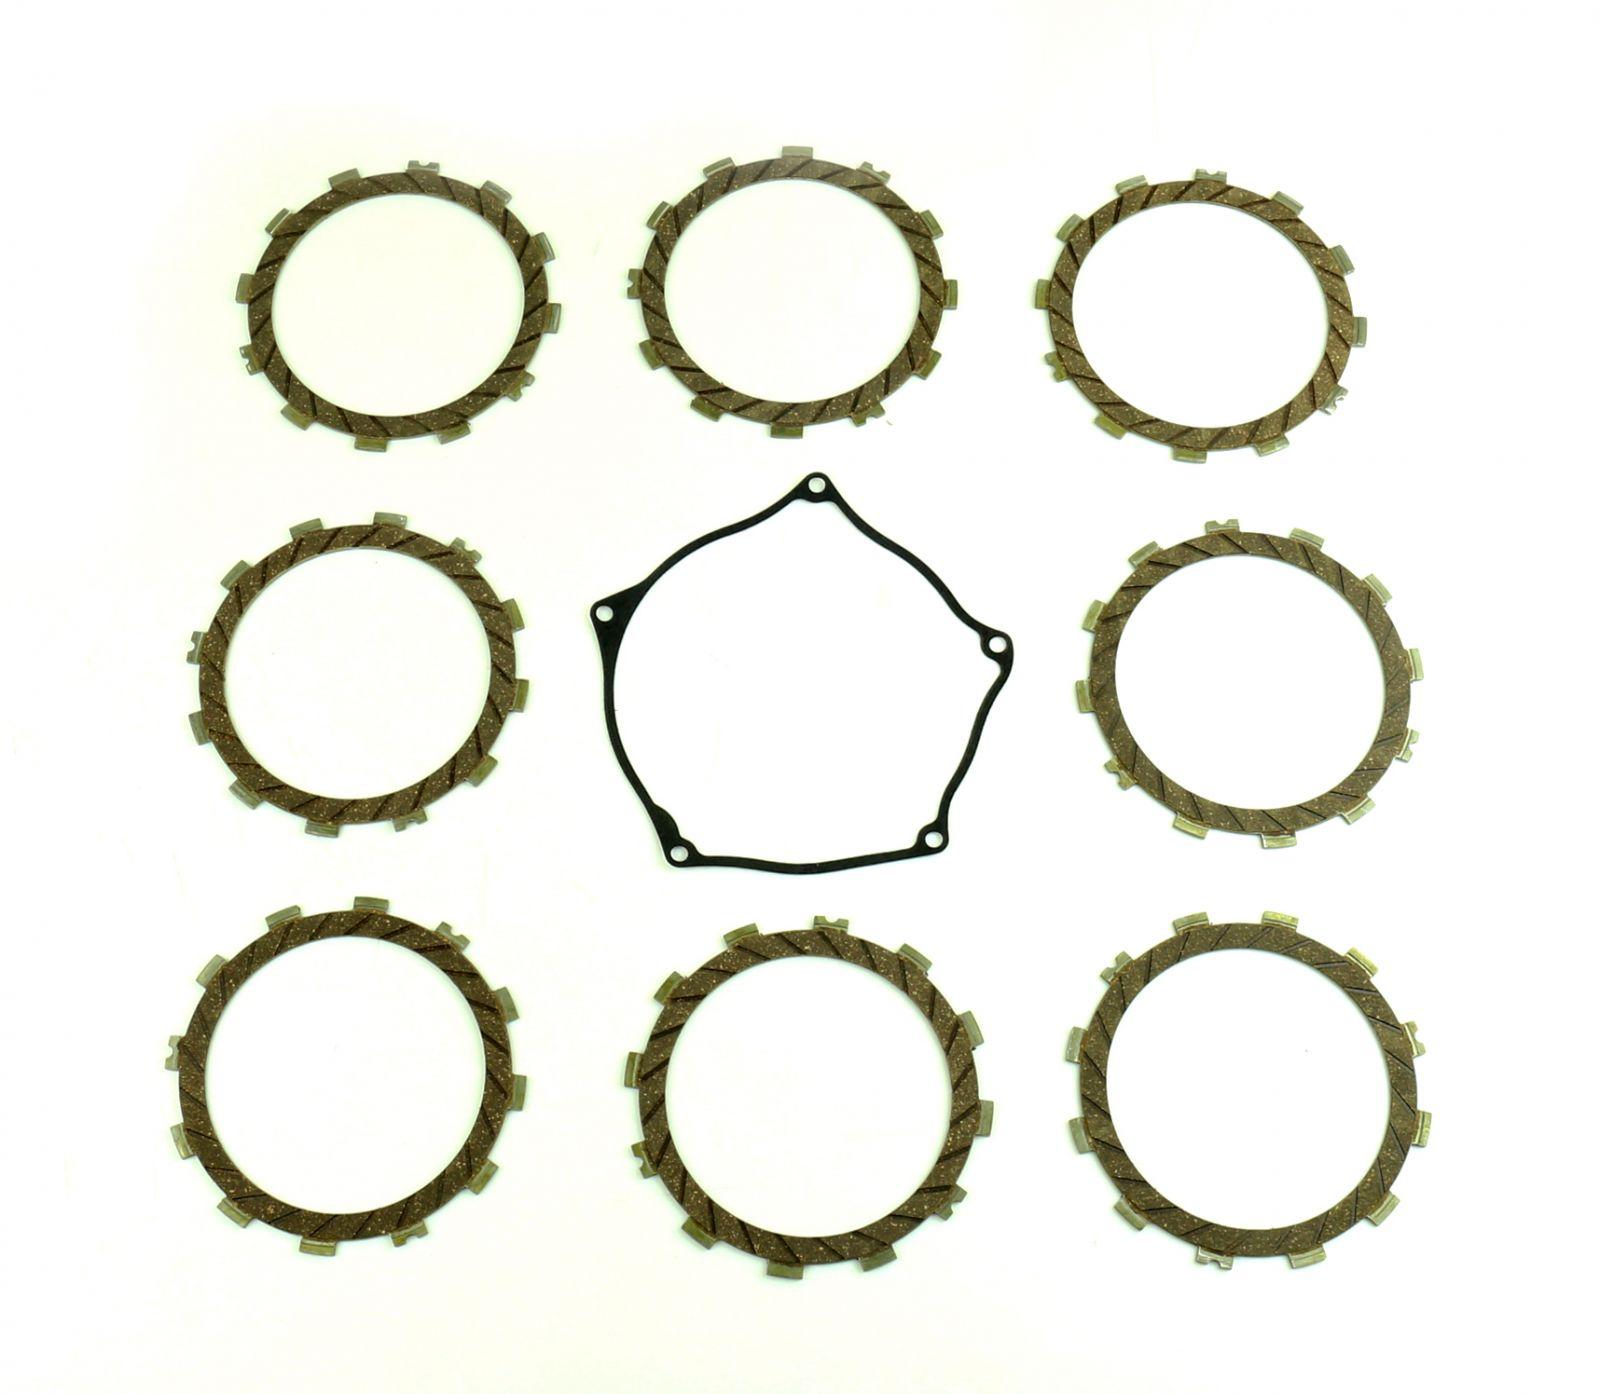 Athena Clutch Plate Kits - 307249A image